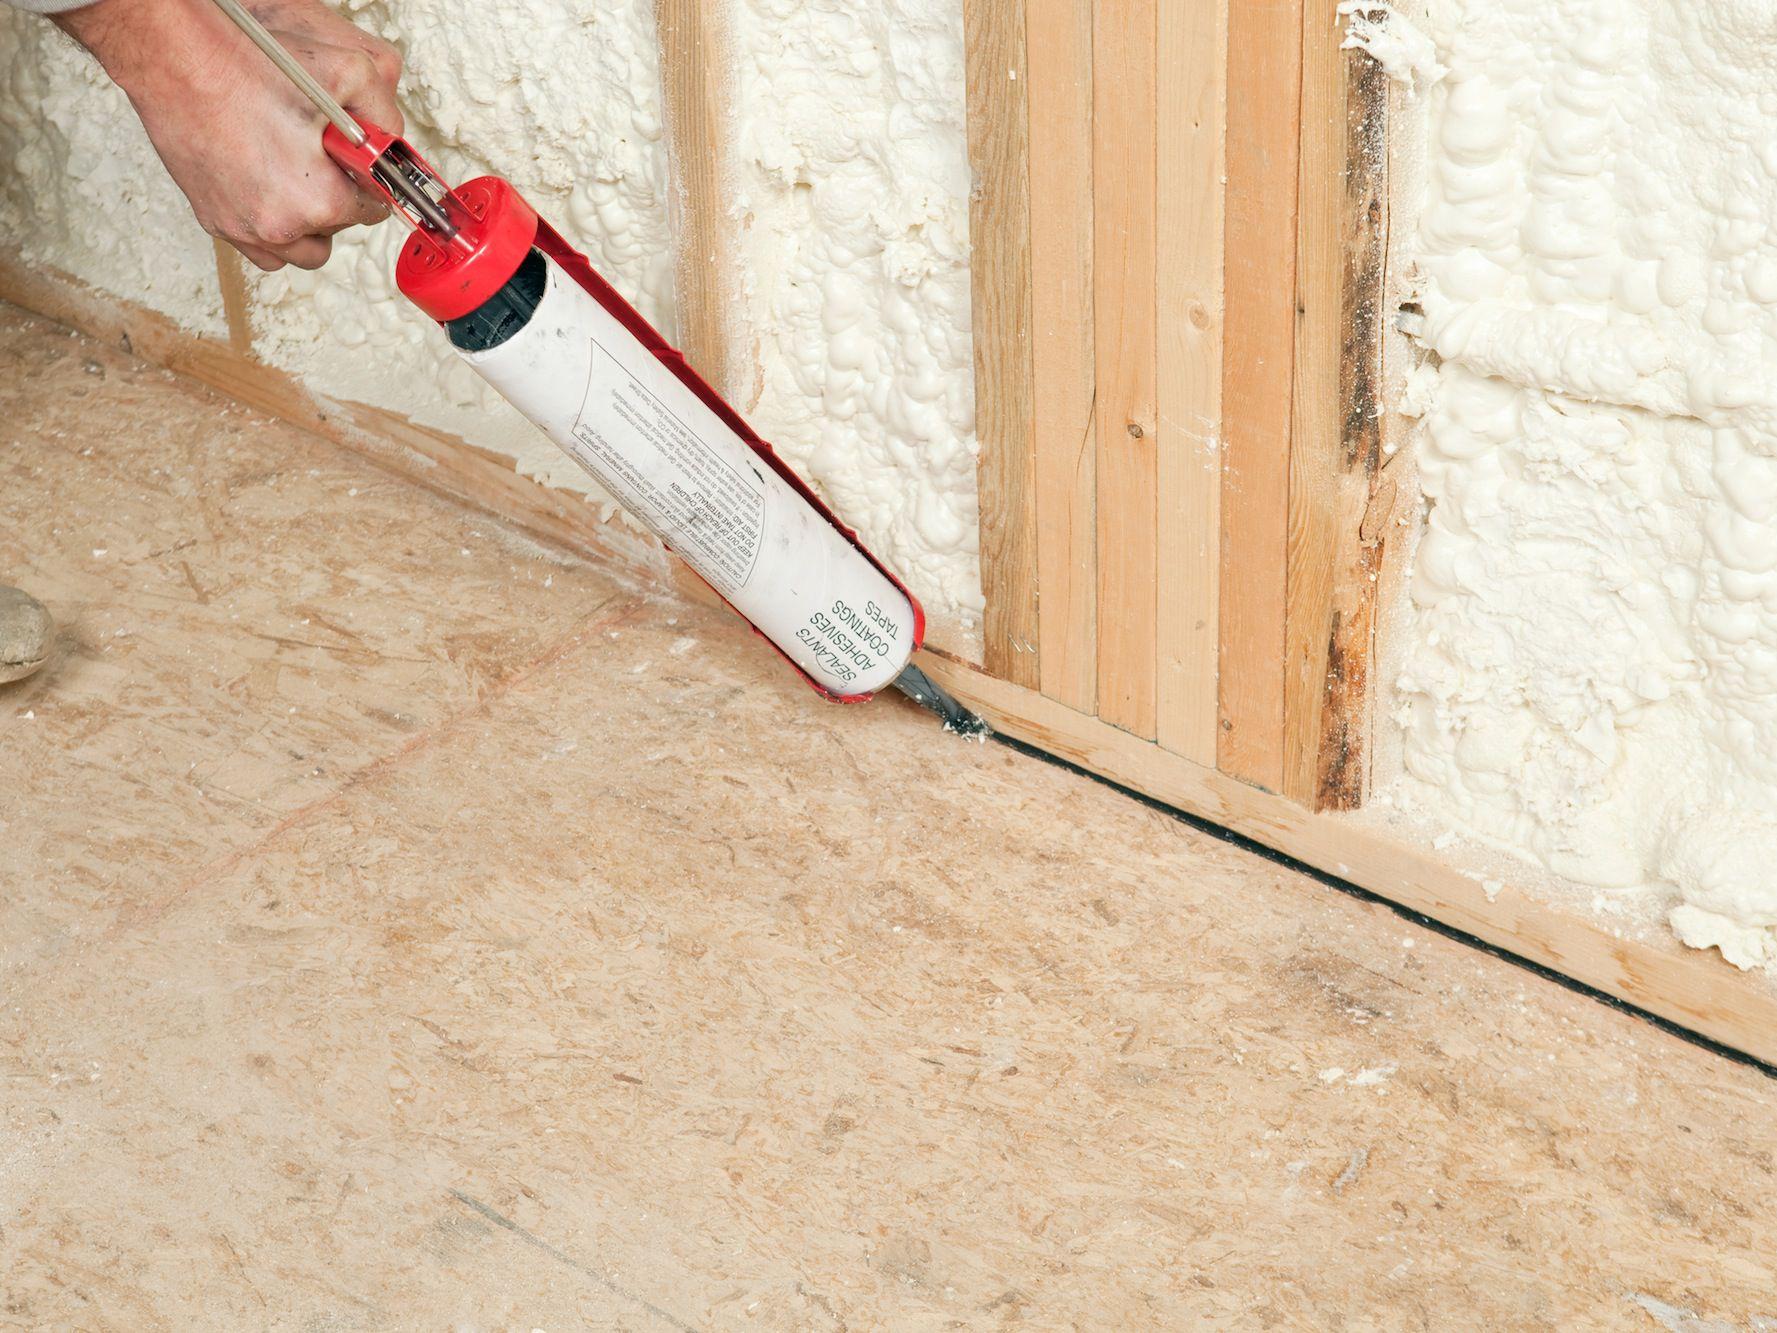 Dricore Vs Plywood Subfloor Review